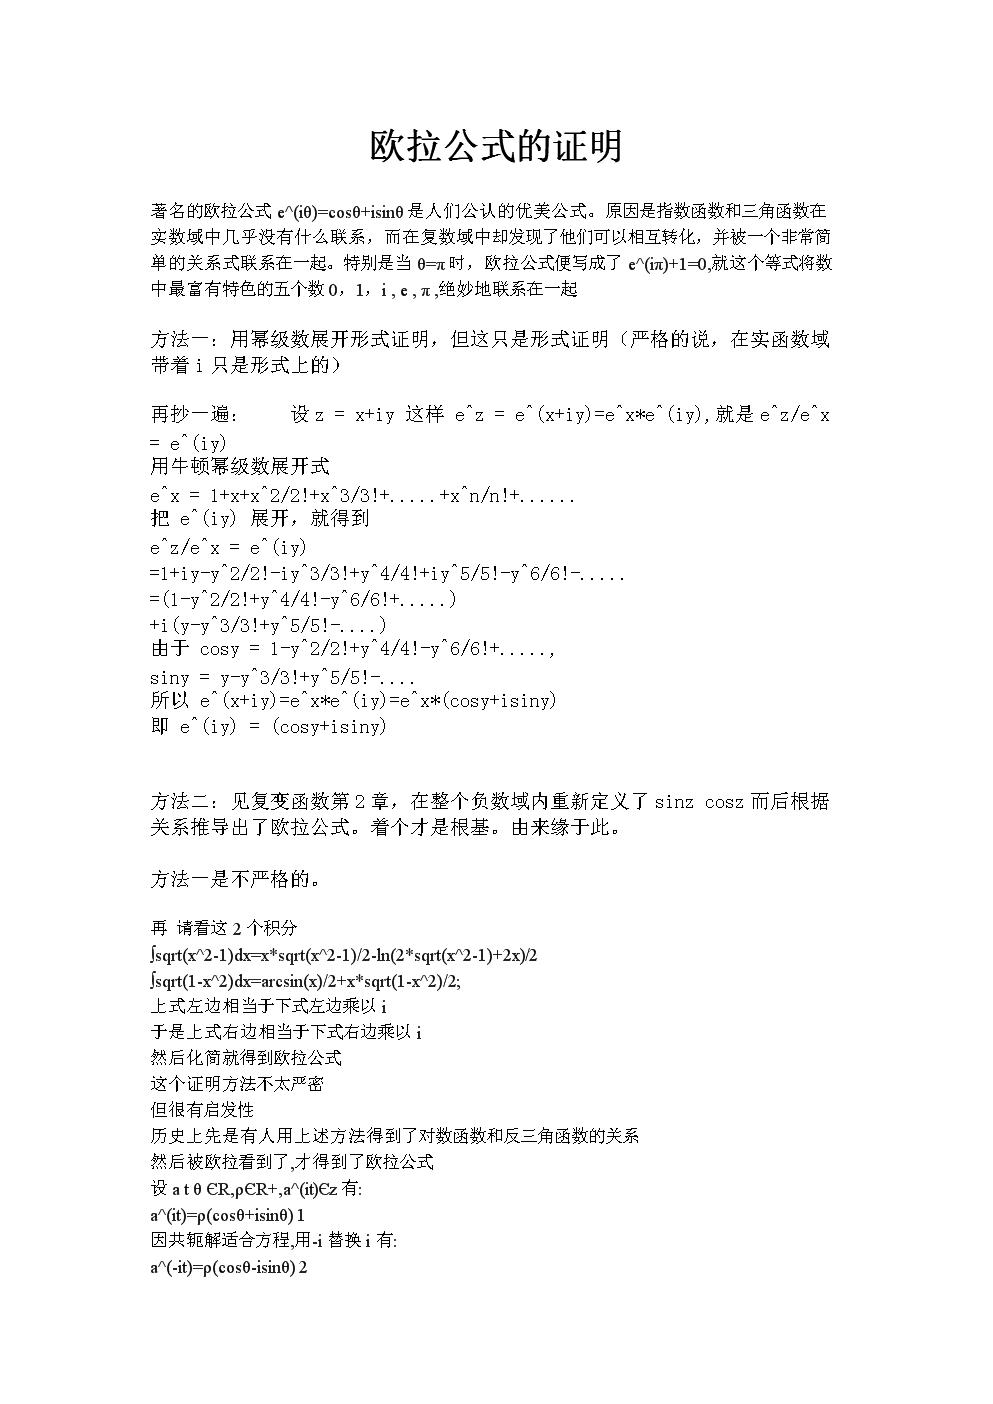 欧拉公式的证明(整理).doc